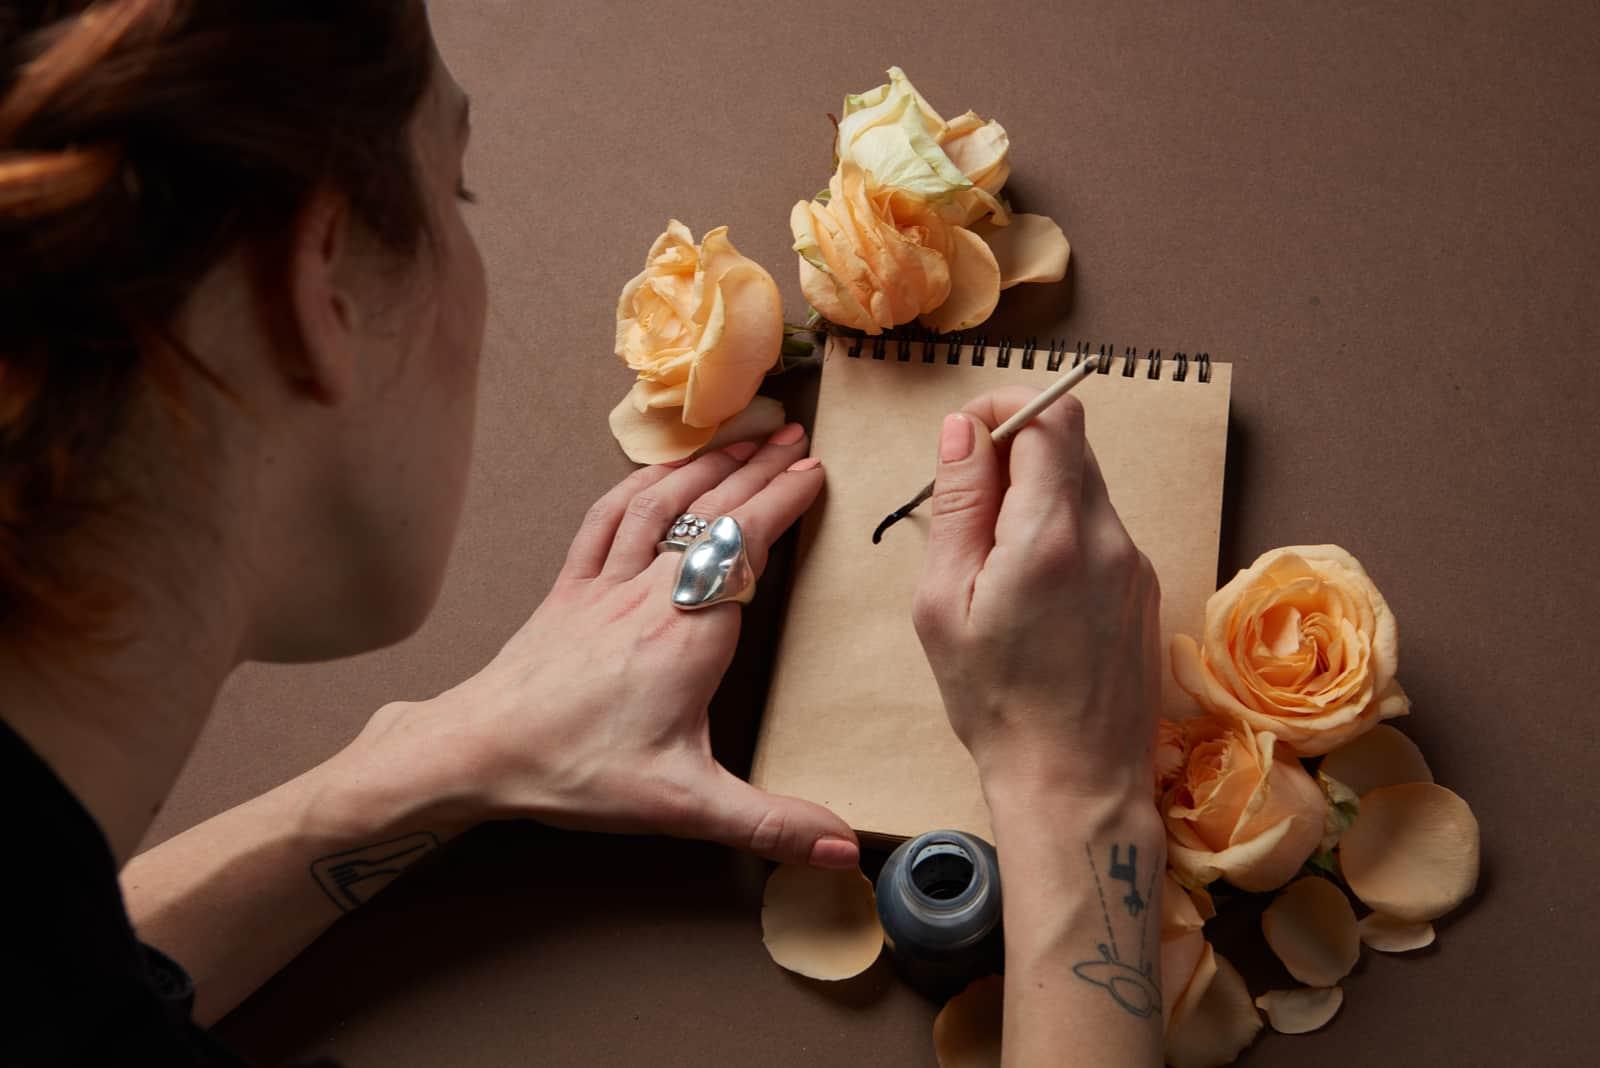 la femme écrit une lettre assise